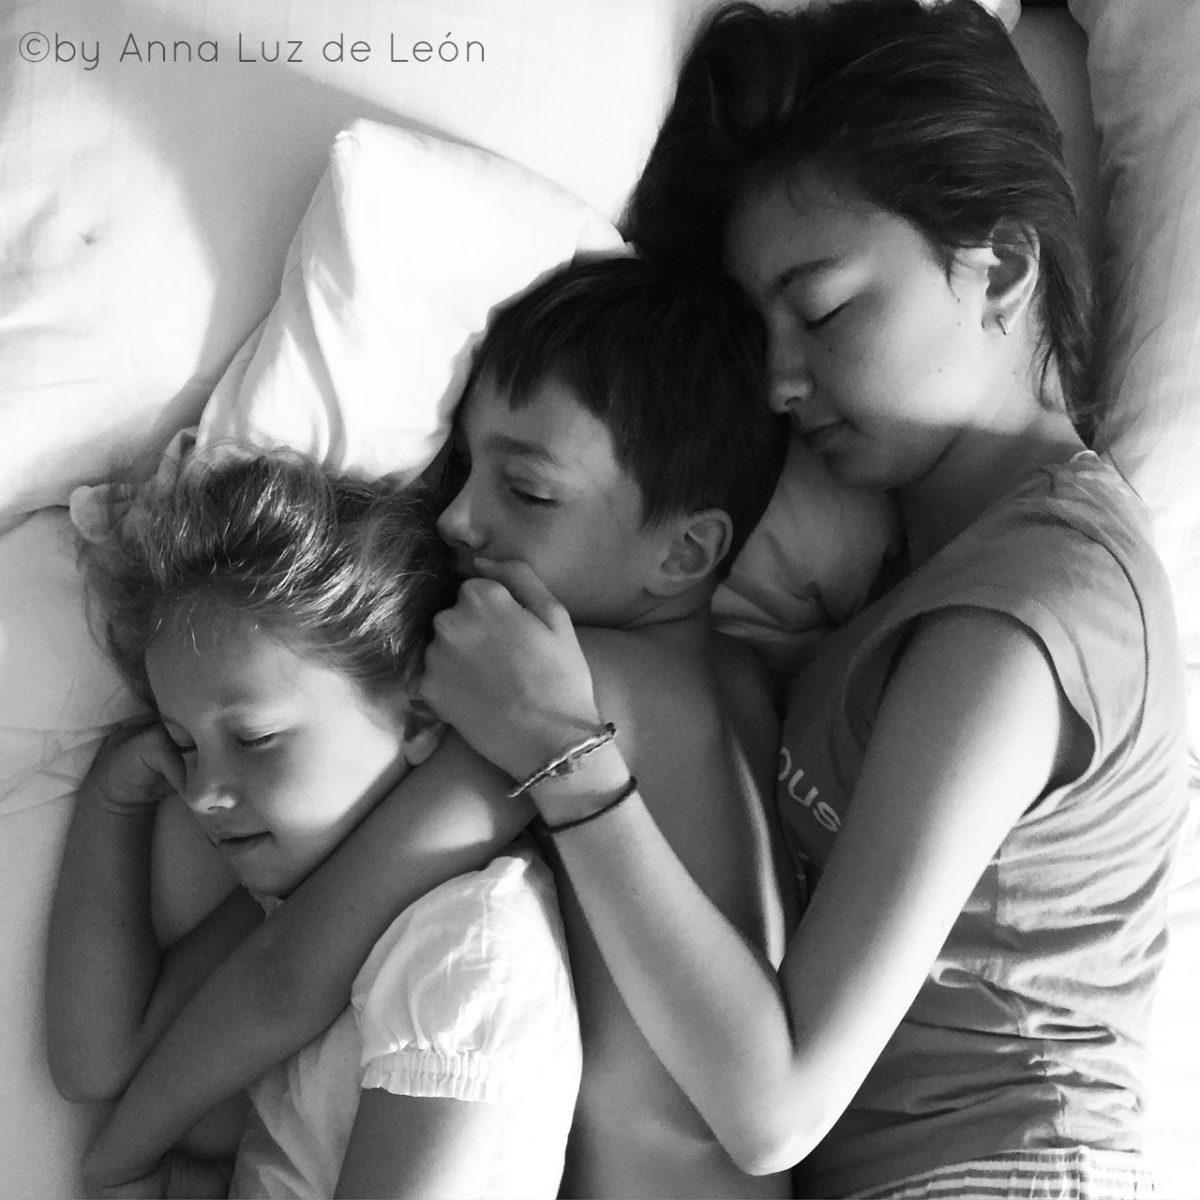 Familienalltag, Wochenendpapa, Distanzehe, Wochenendehe, alleinerziehend mit Mann, Leben mit Kindern, Alltag, Mama Blog